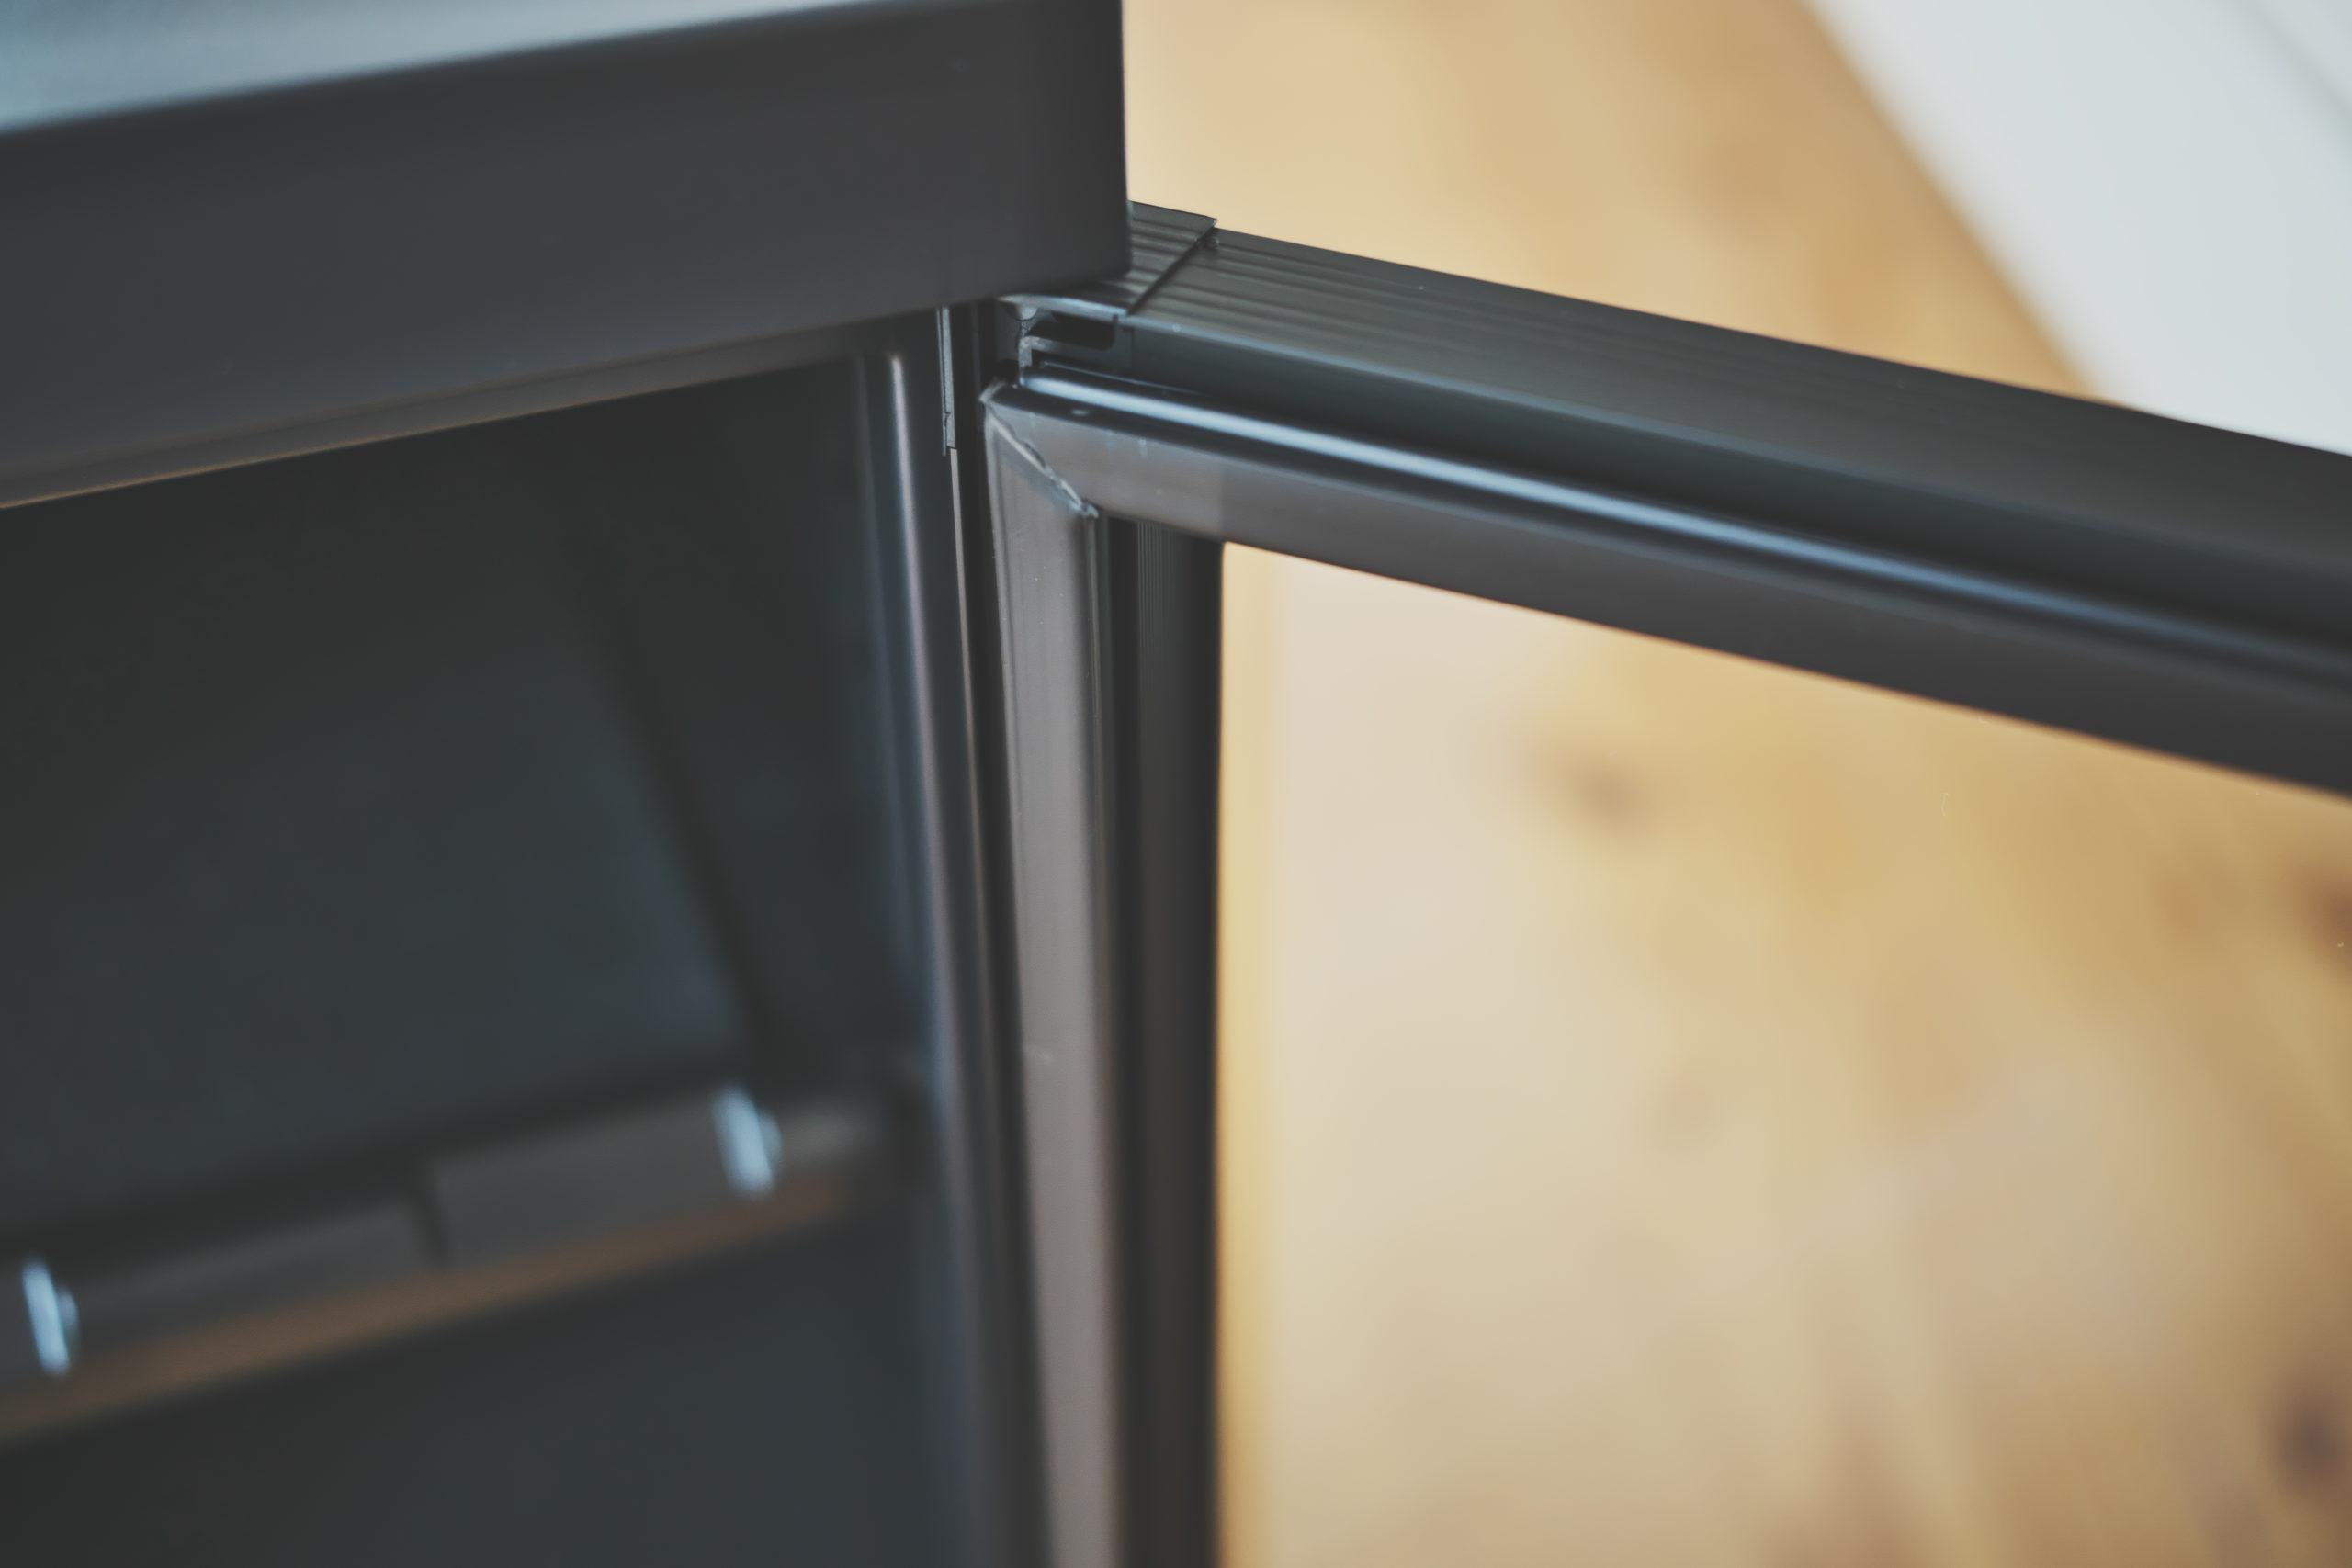 防湿庫「ReCLEAN」アナログ湿度計の設置個所(ガラス扉の裏側)